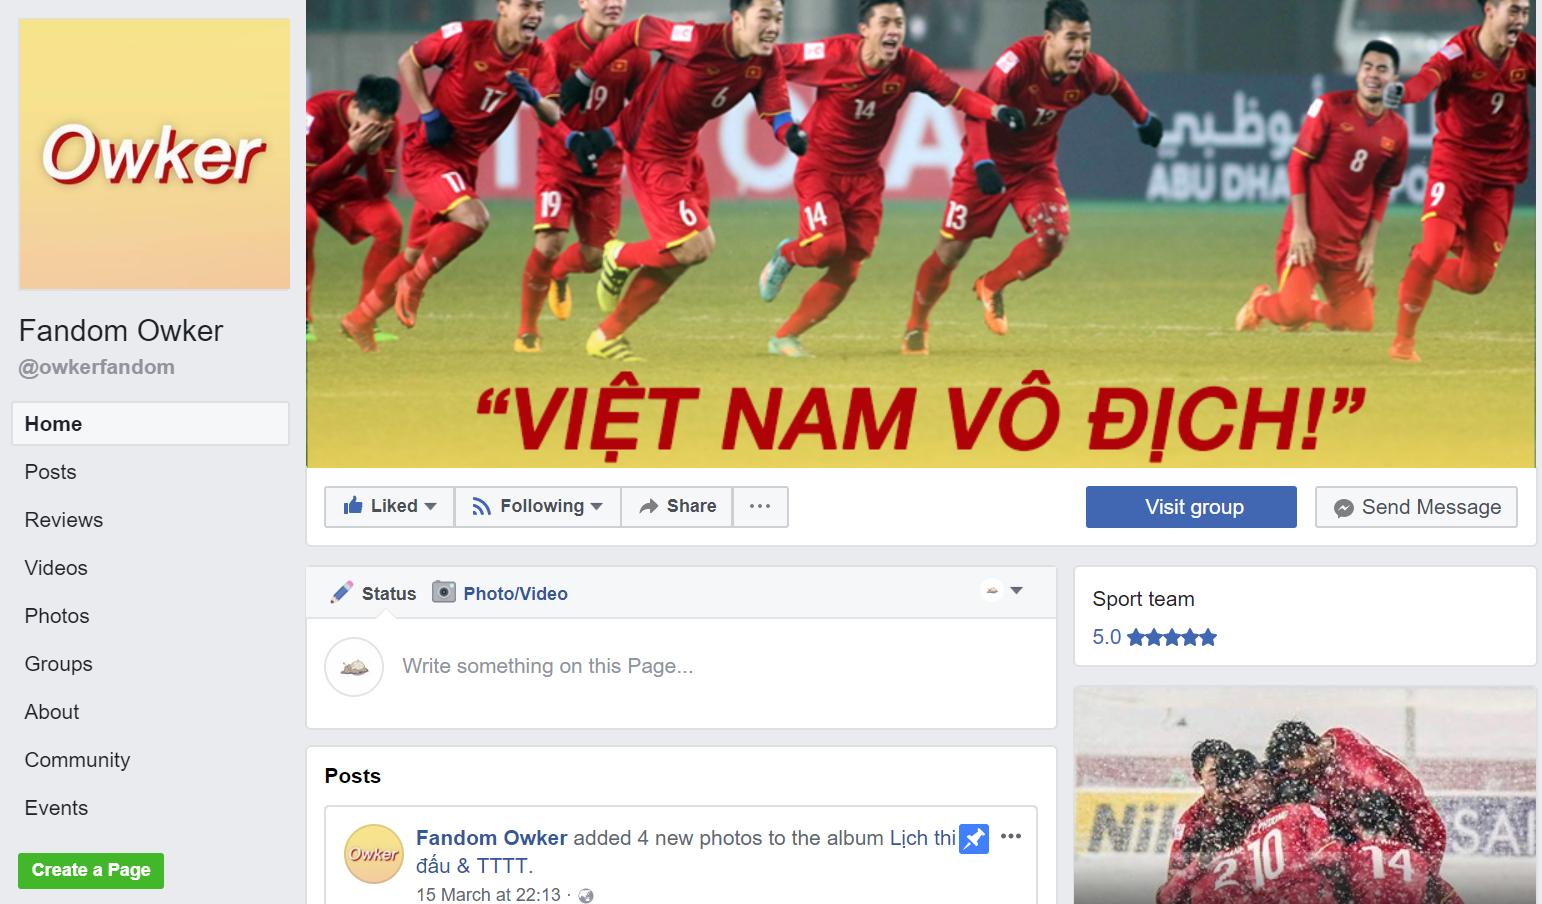 """Từ những cô nàng chẳng biết gì về bóng đá, đến """"Fandom quốc dân"""" dễ thương nhất, văn minh nhất của U23 Việt Nam - Ảnh 3."""